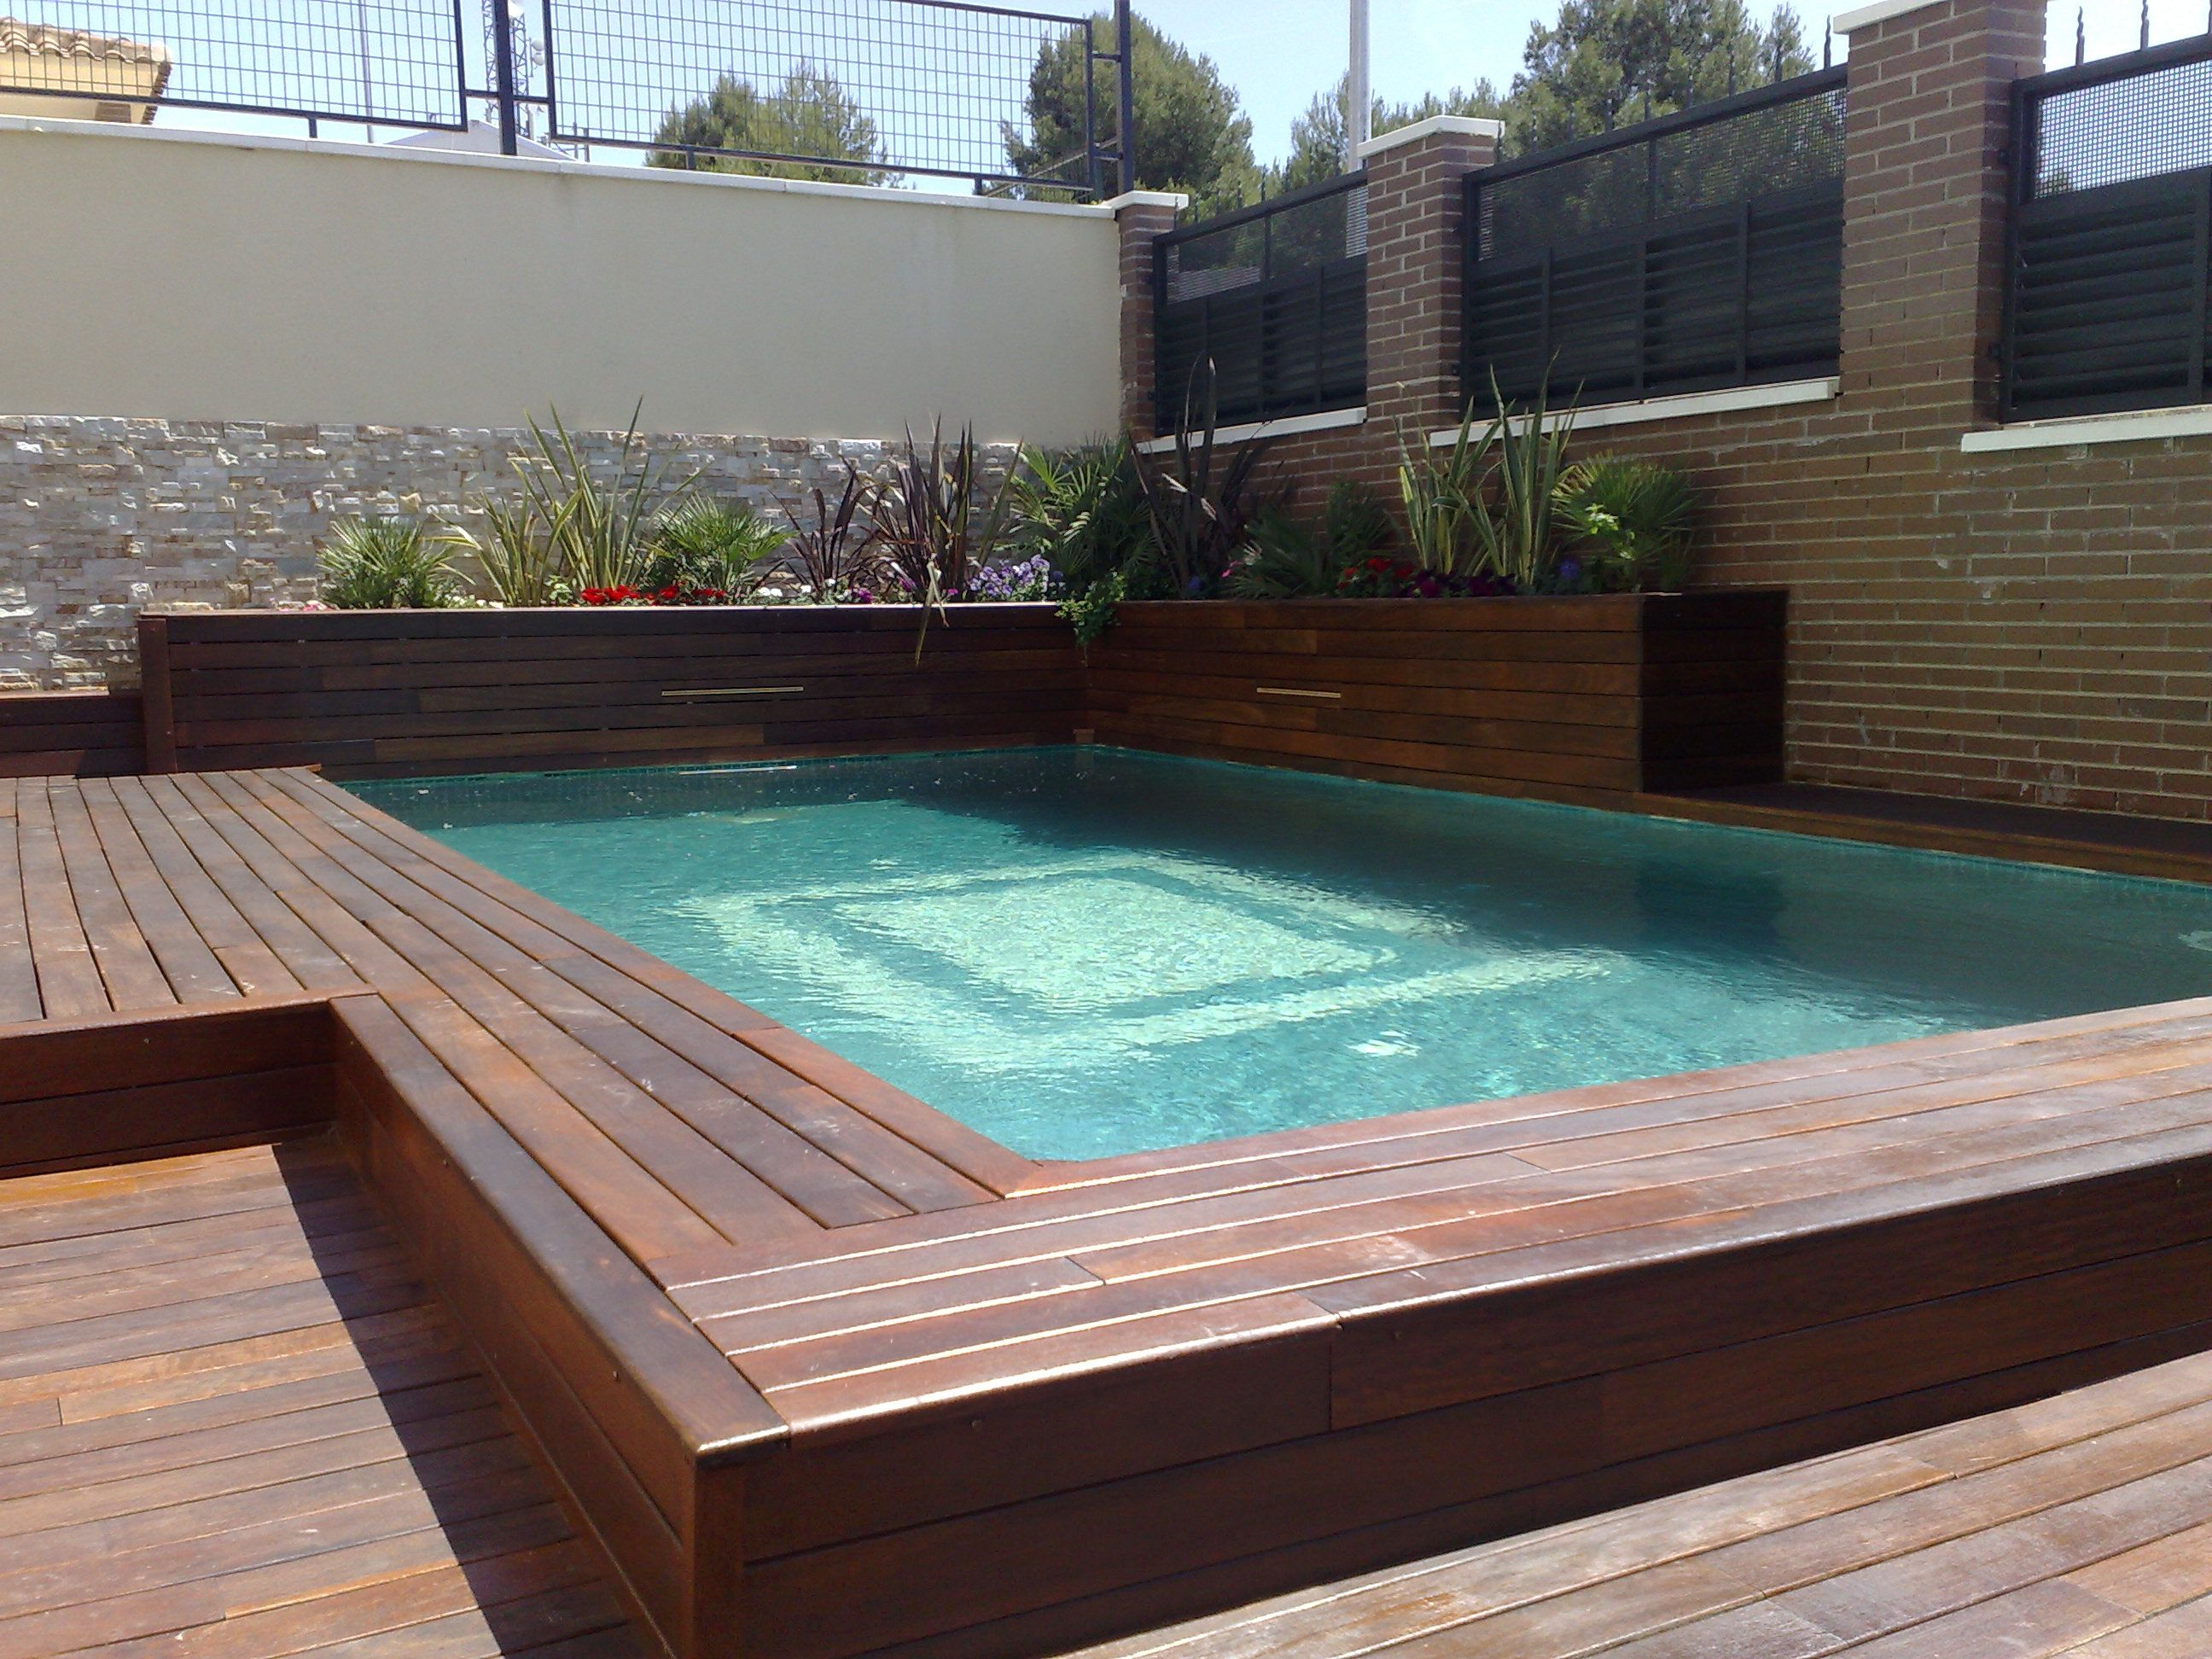 Piscina con tarima de madera ip y jardineras con cascadas - Piscina de madera ...